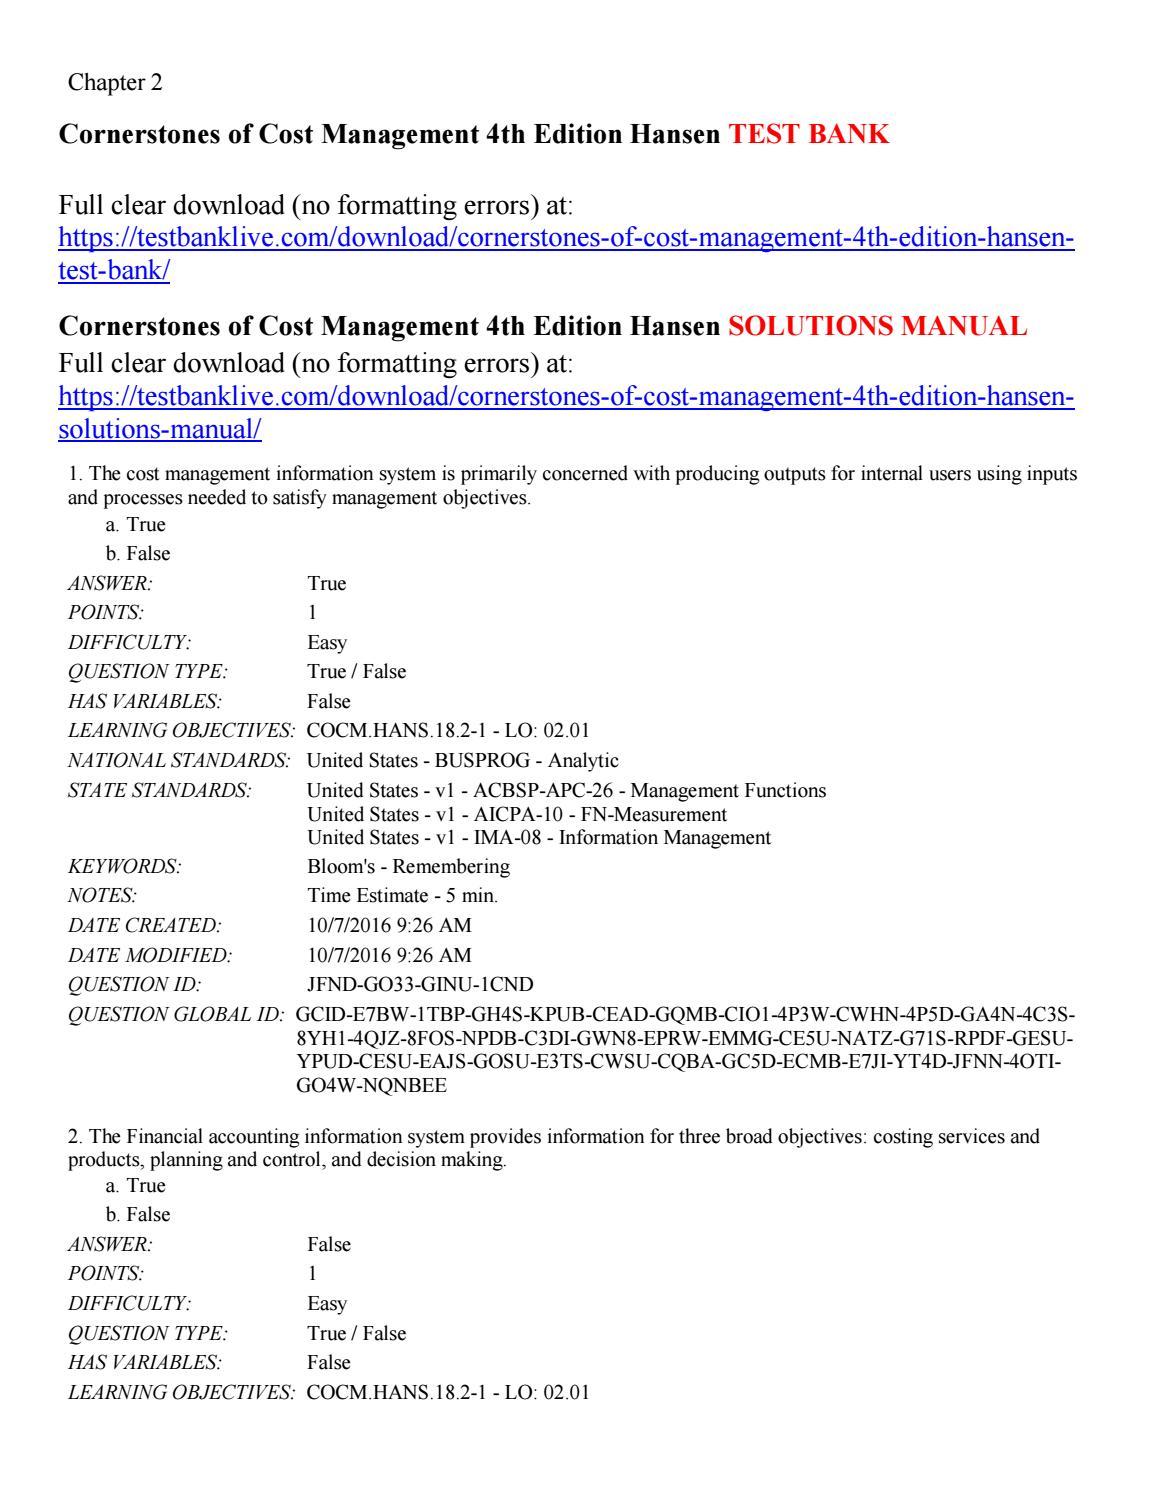 Cornerstones of cost management 4th edition hansen test bank by Hansen123 -  issuu